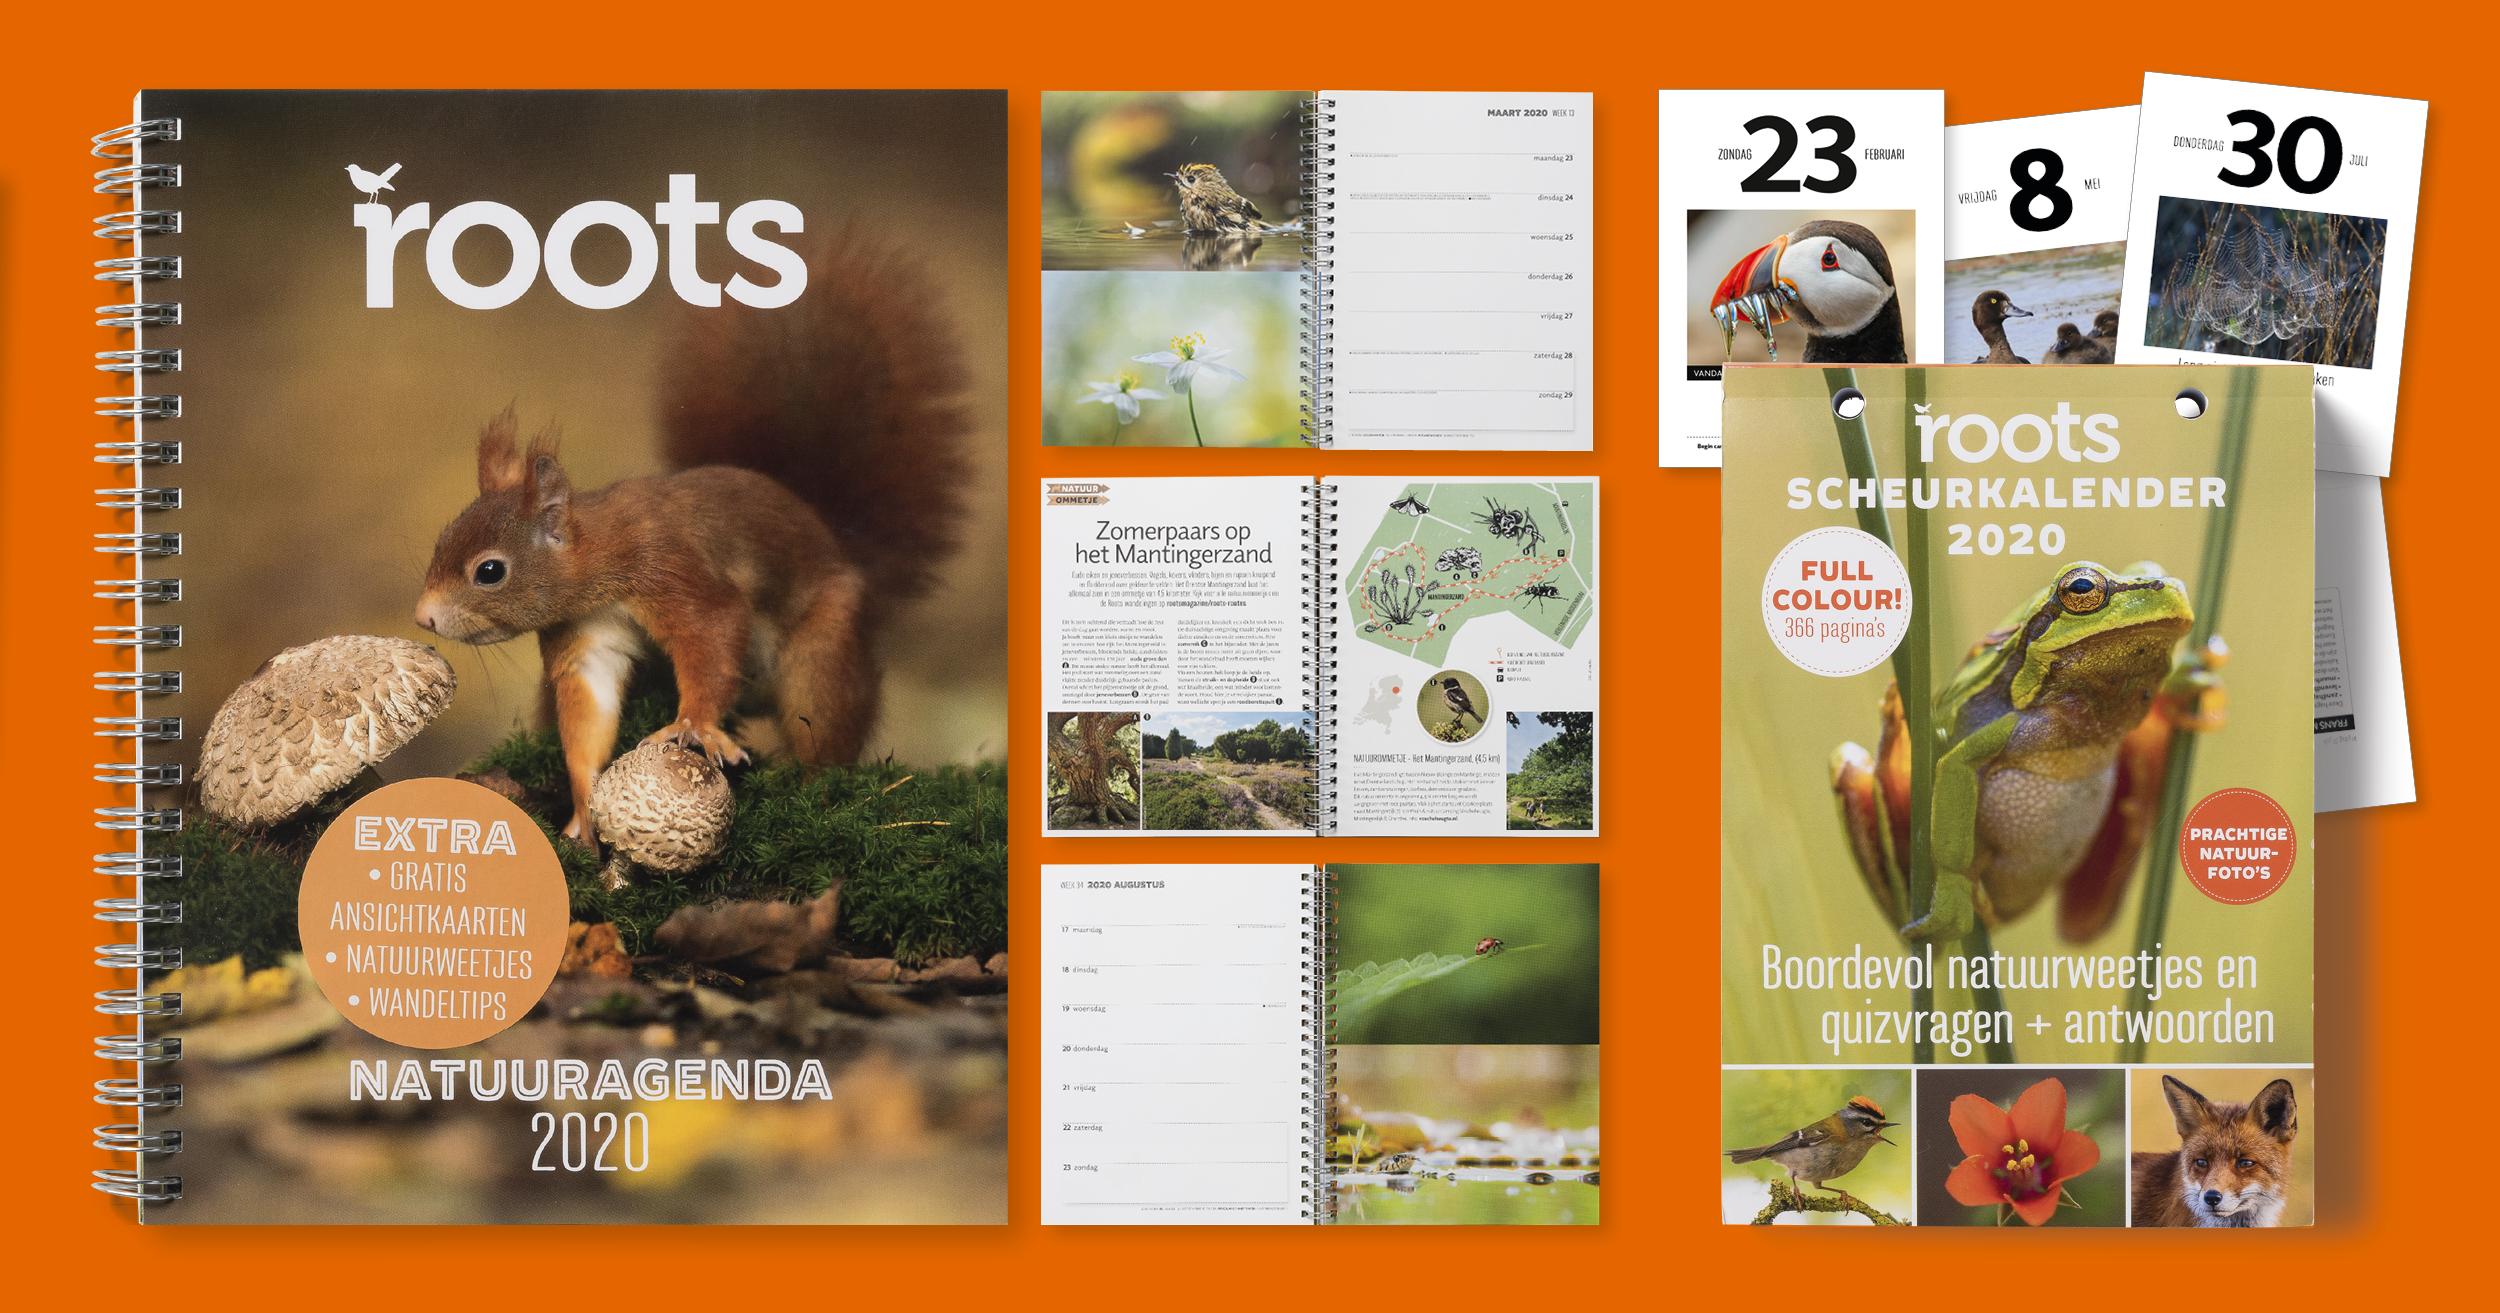 50% korting op de Roots Natuuragenda en Scheurkalender 2020